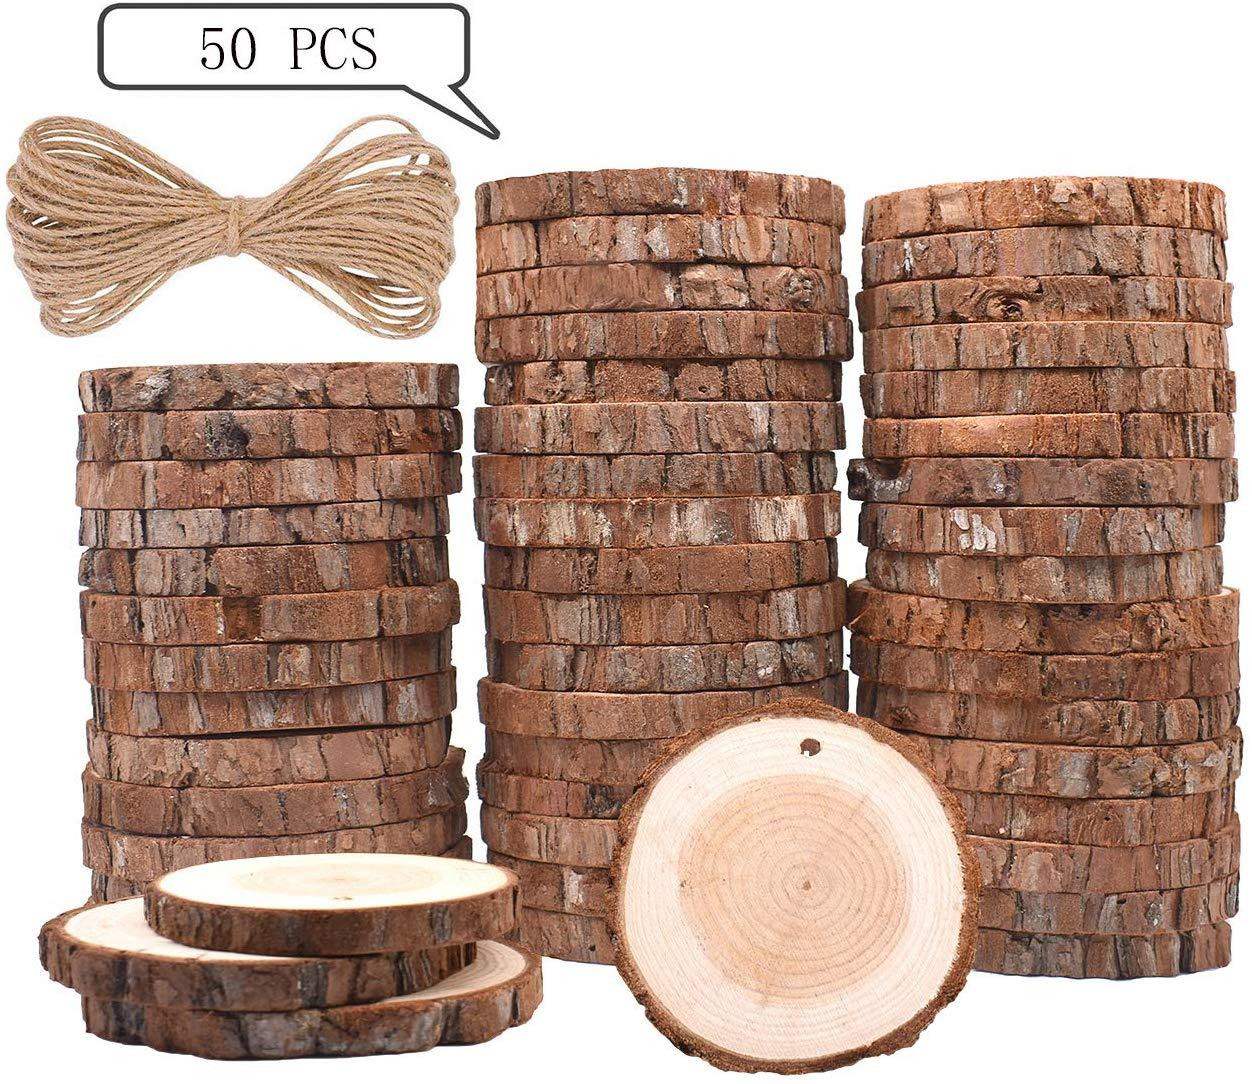 50 pçs fatias de madeira natural círculo redondo árvore casca log 2-7cm círculos de madeira para diy artesanato decorações de casamento enfeites de natal